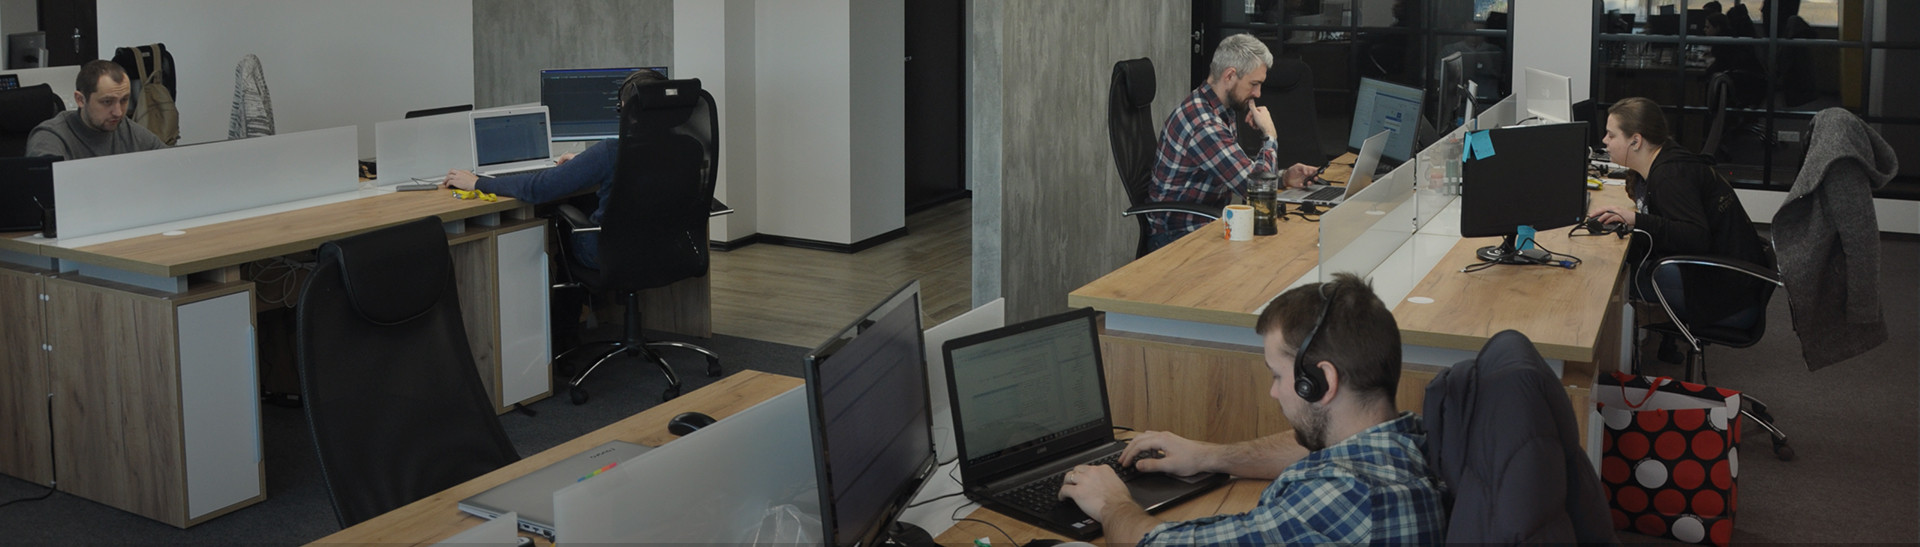 Andersen office in Dnipro, Ukraine